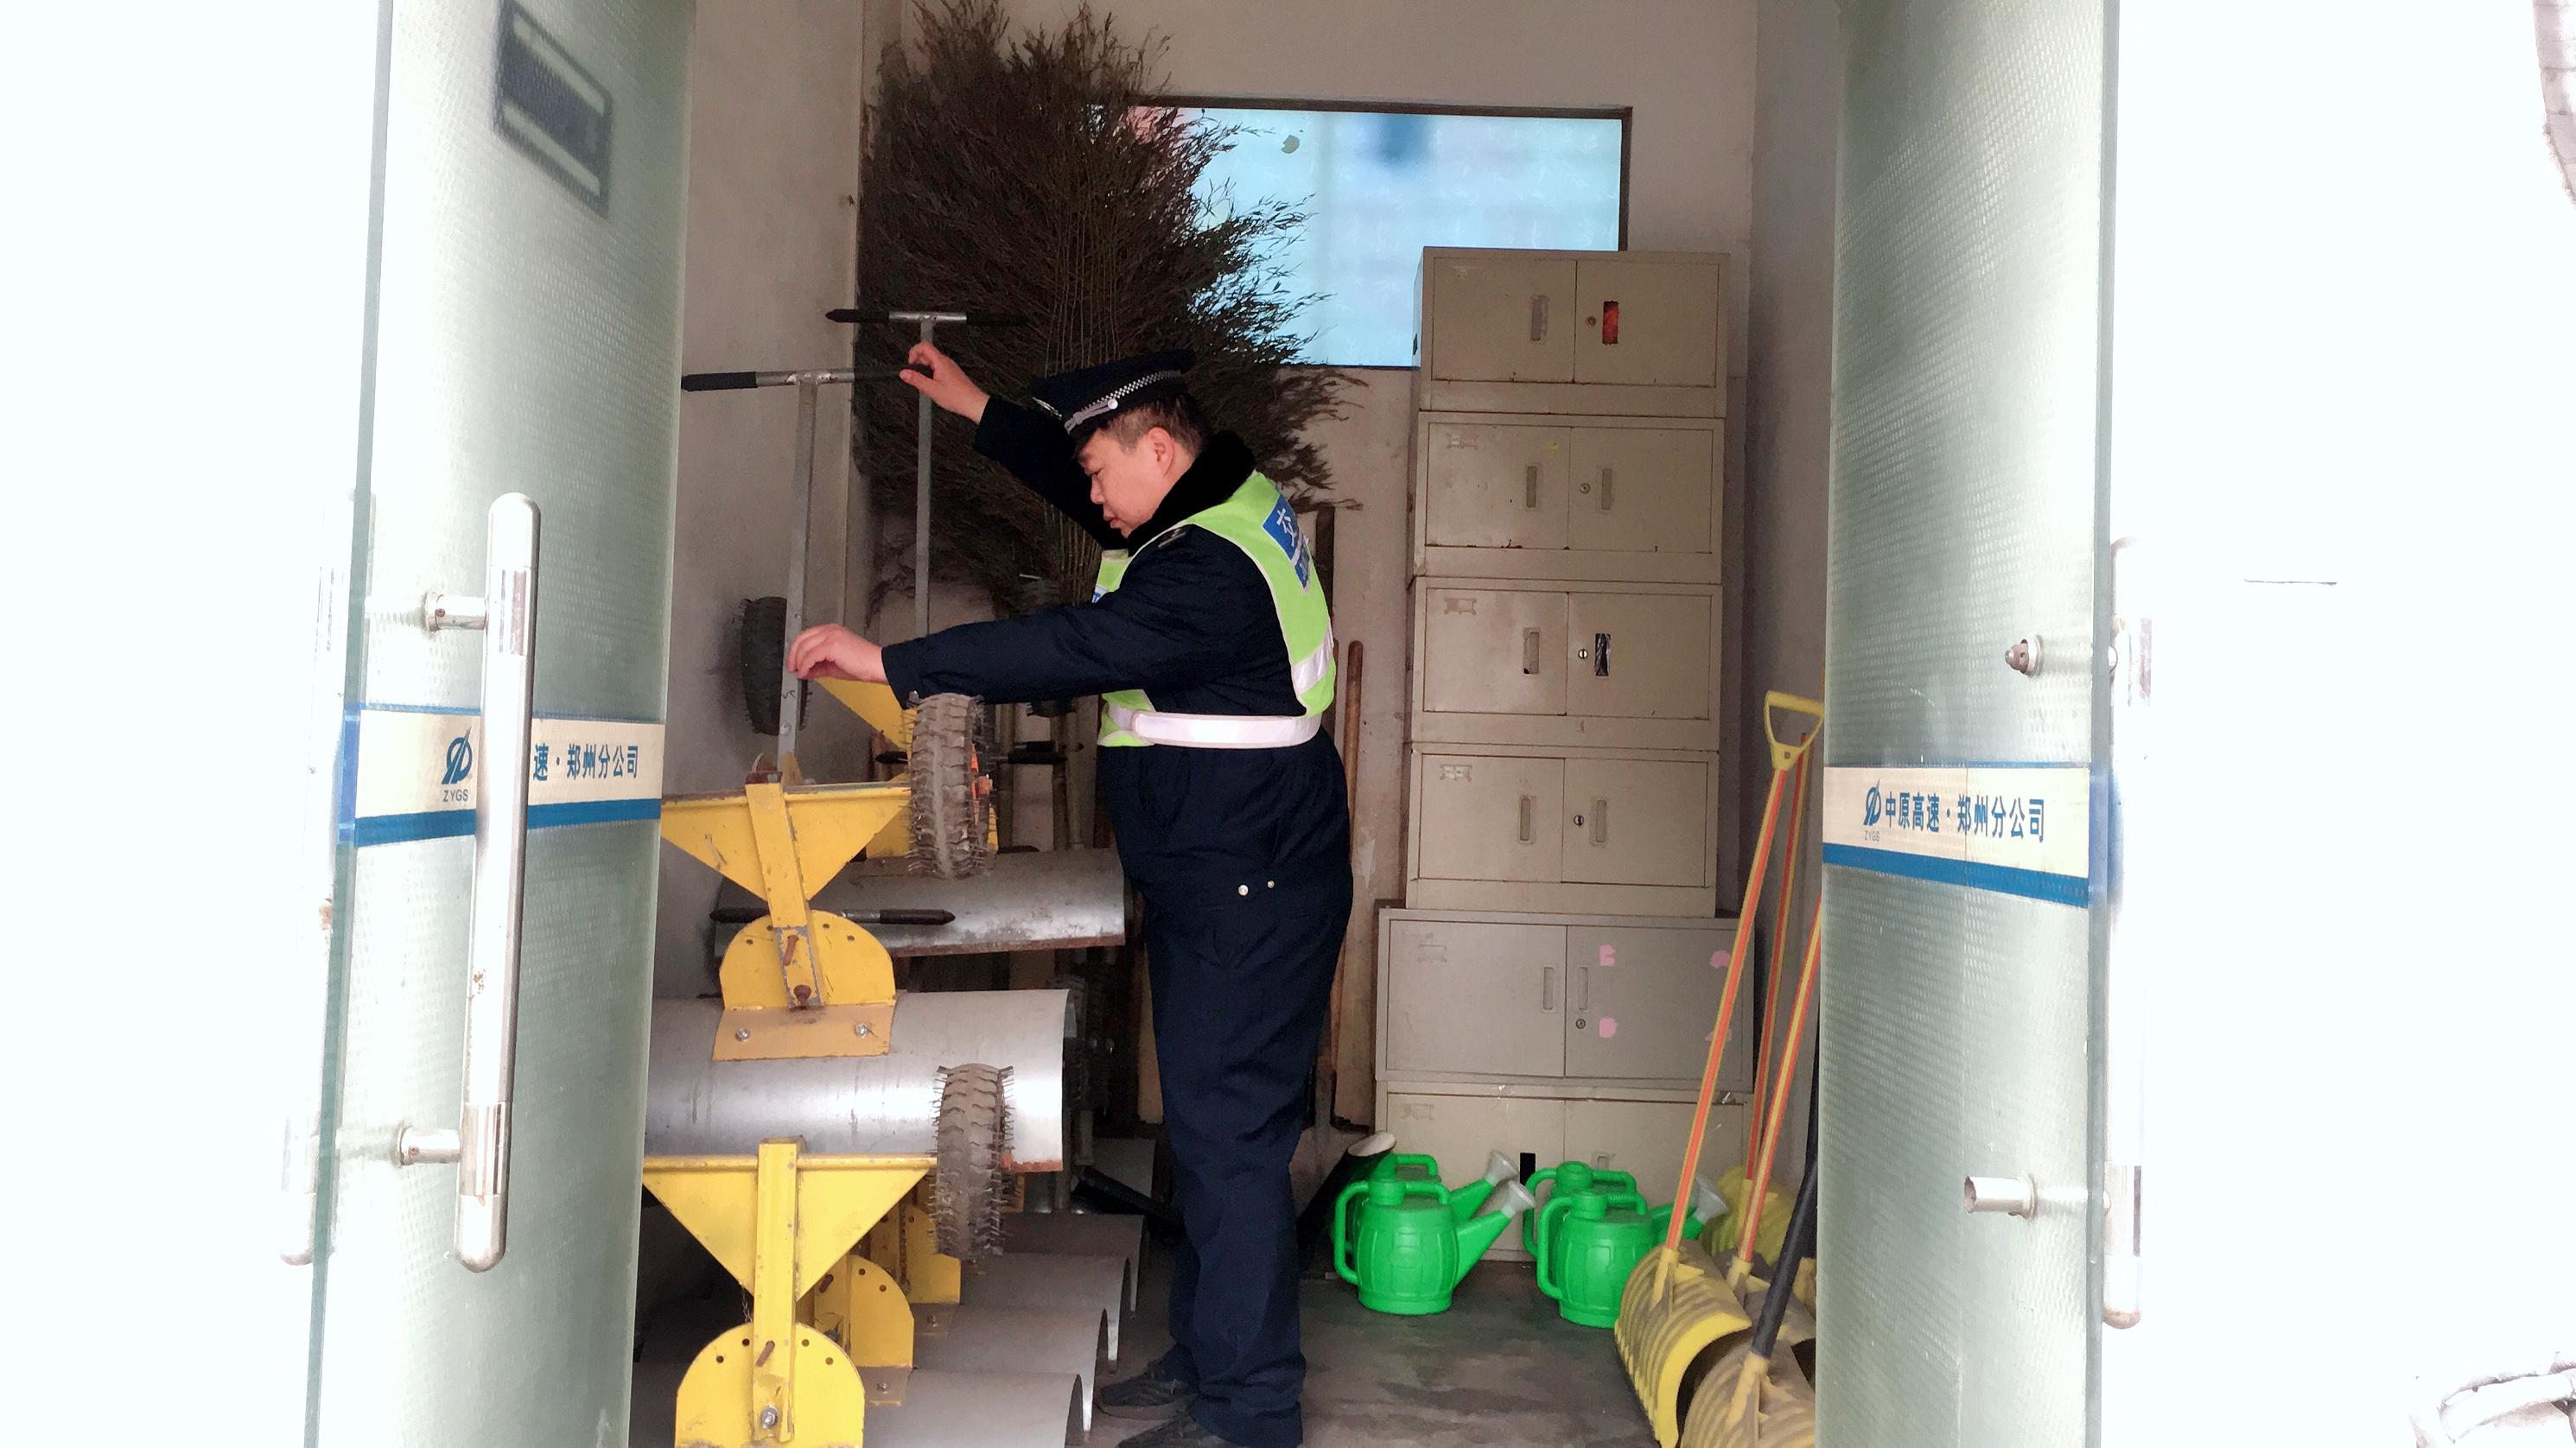 2019年2月9日上午,轩辕丘站在雨雪欲来前,认真盘查除雪物资,积极应对春运返程恶劣天气.JPG